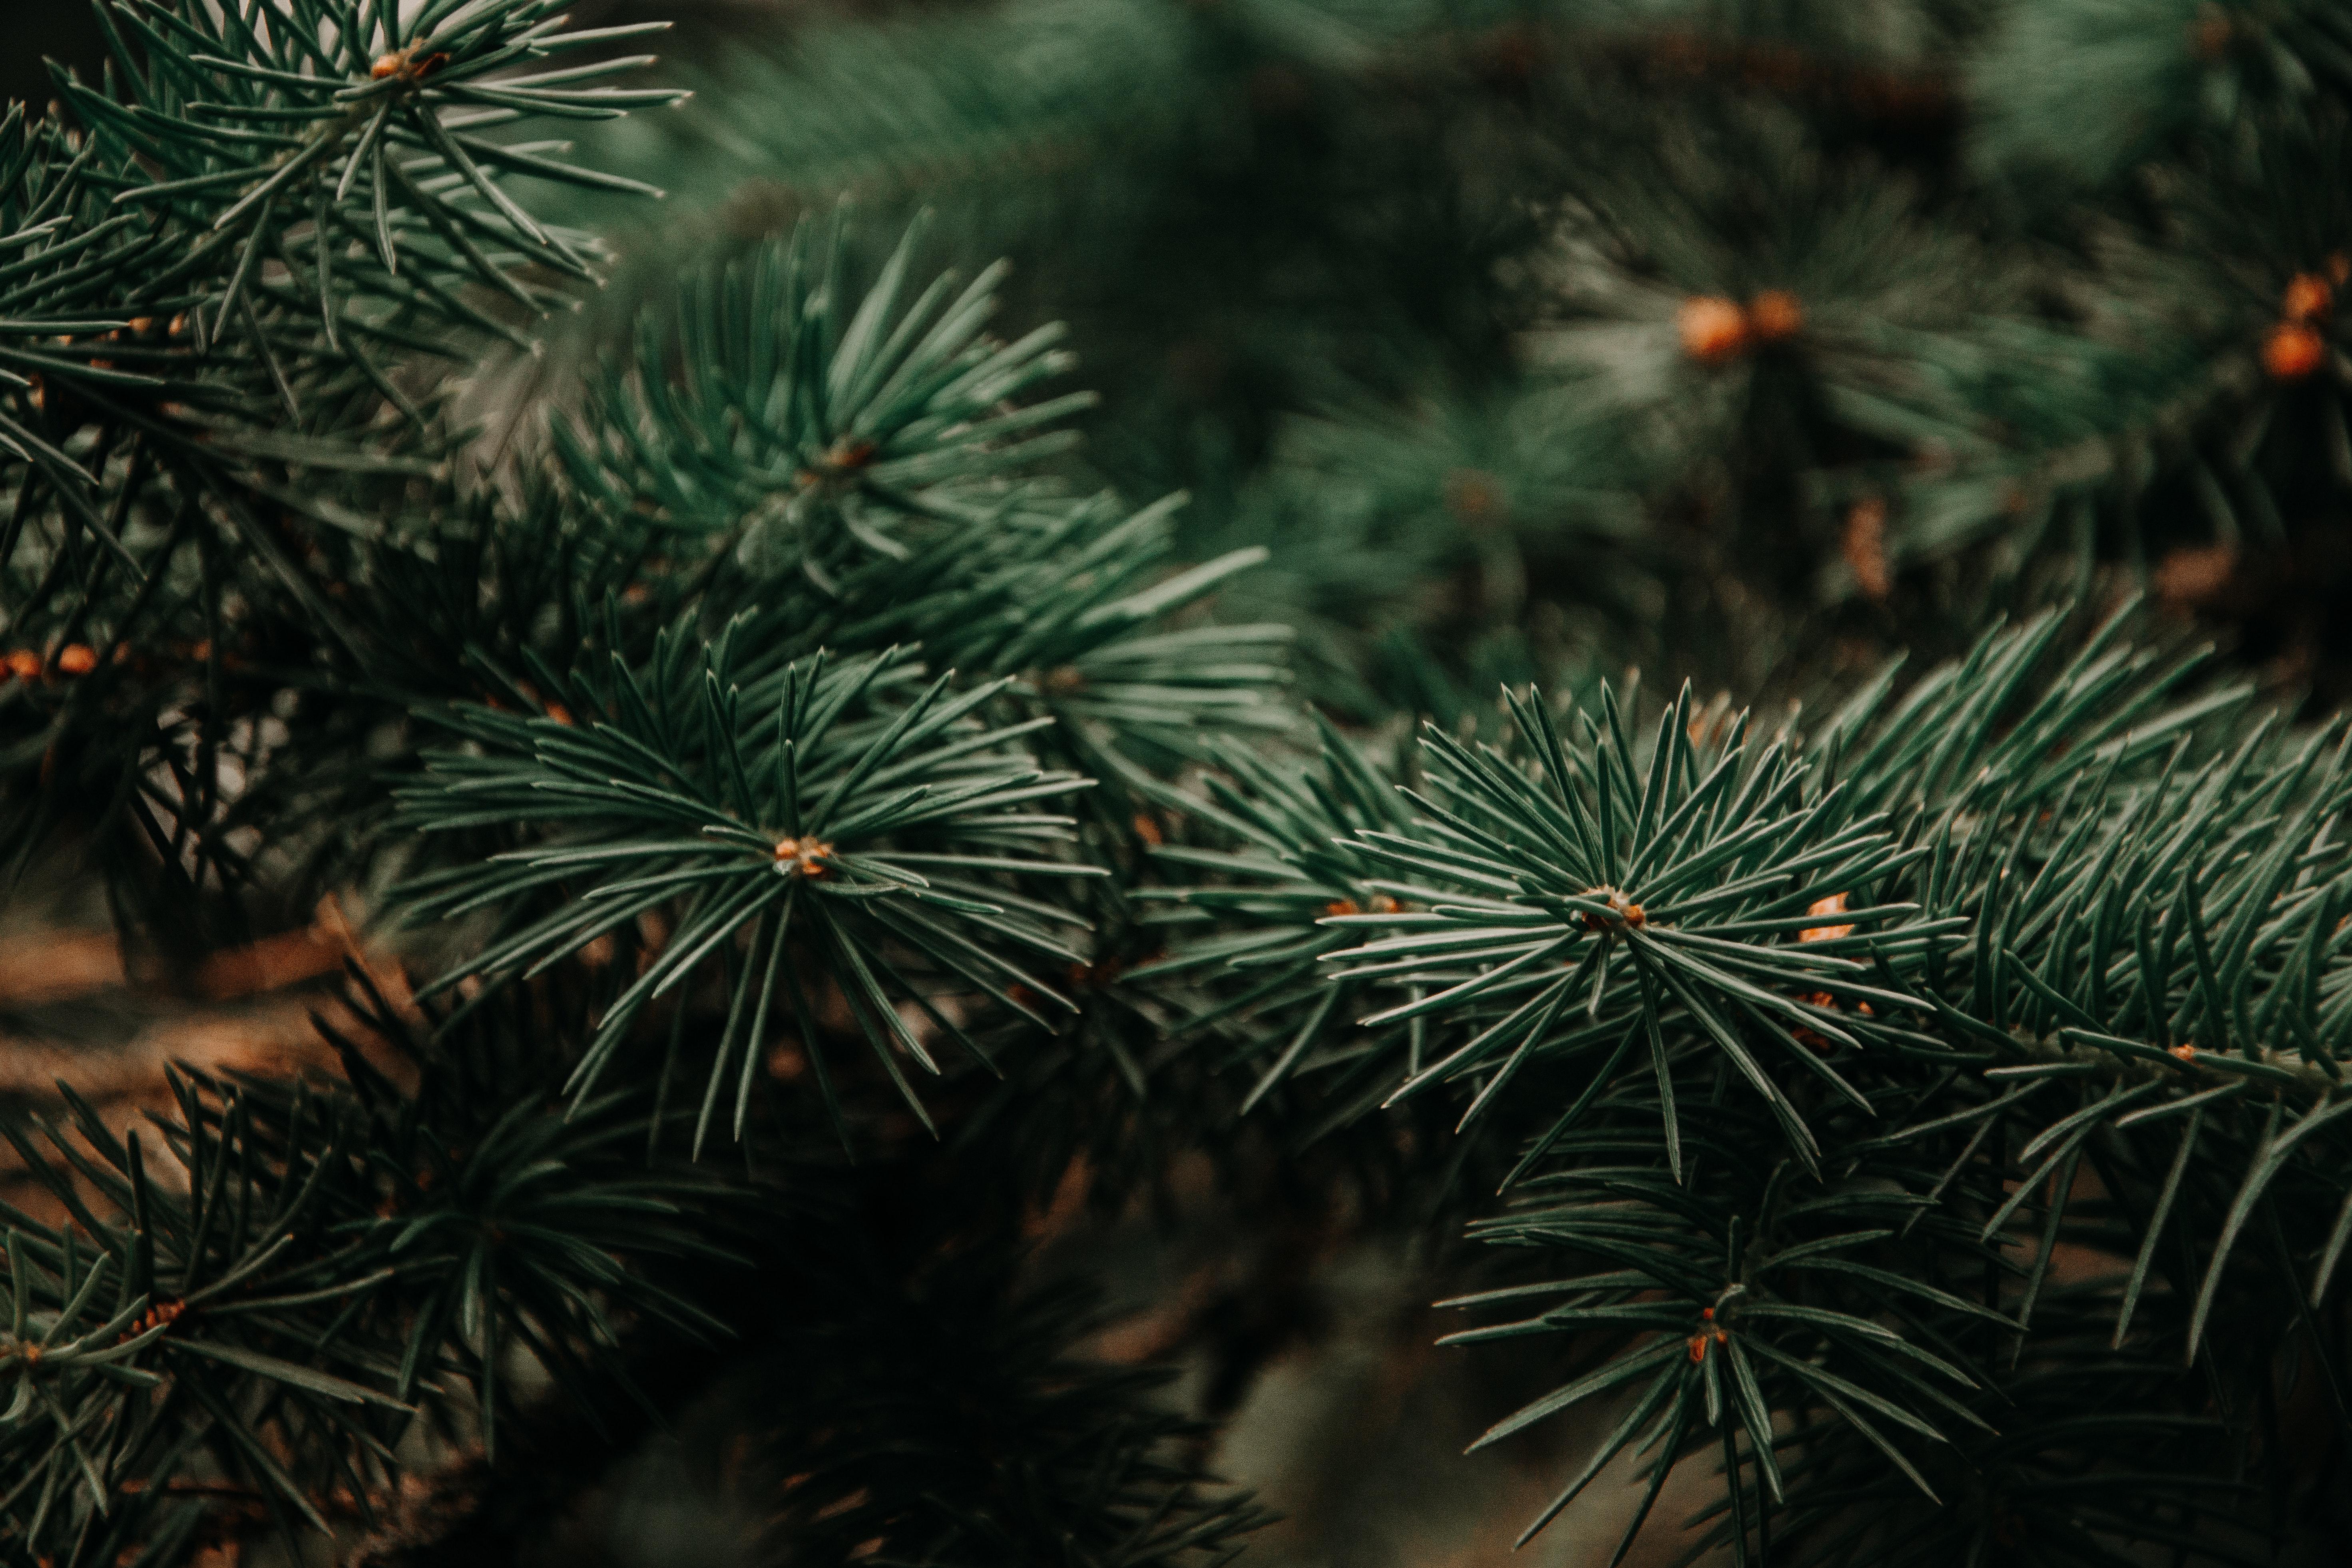 Pine Tree Wallpaper 5885x3923 Wallpaper Teahub Io